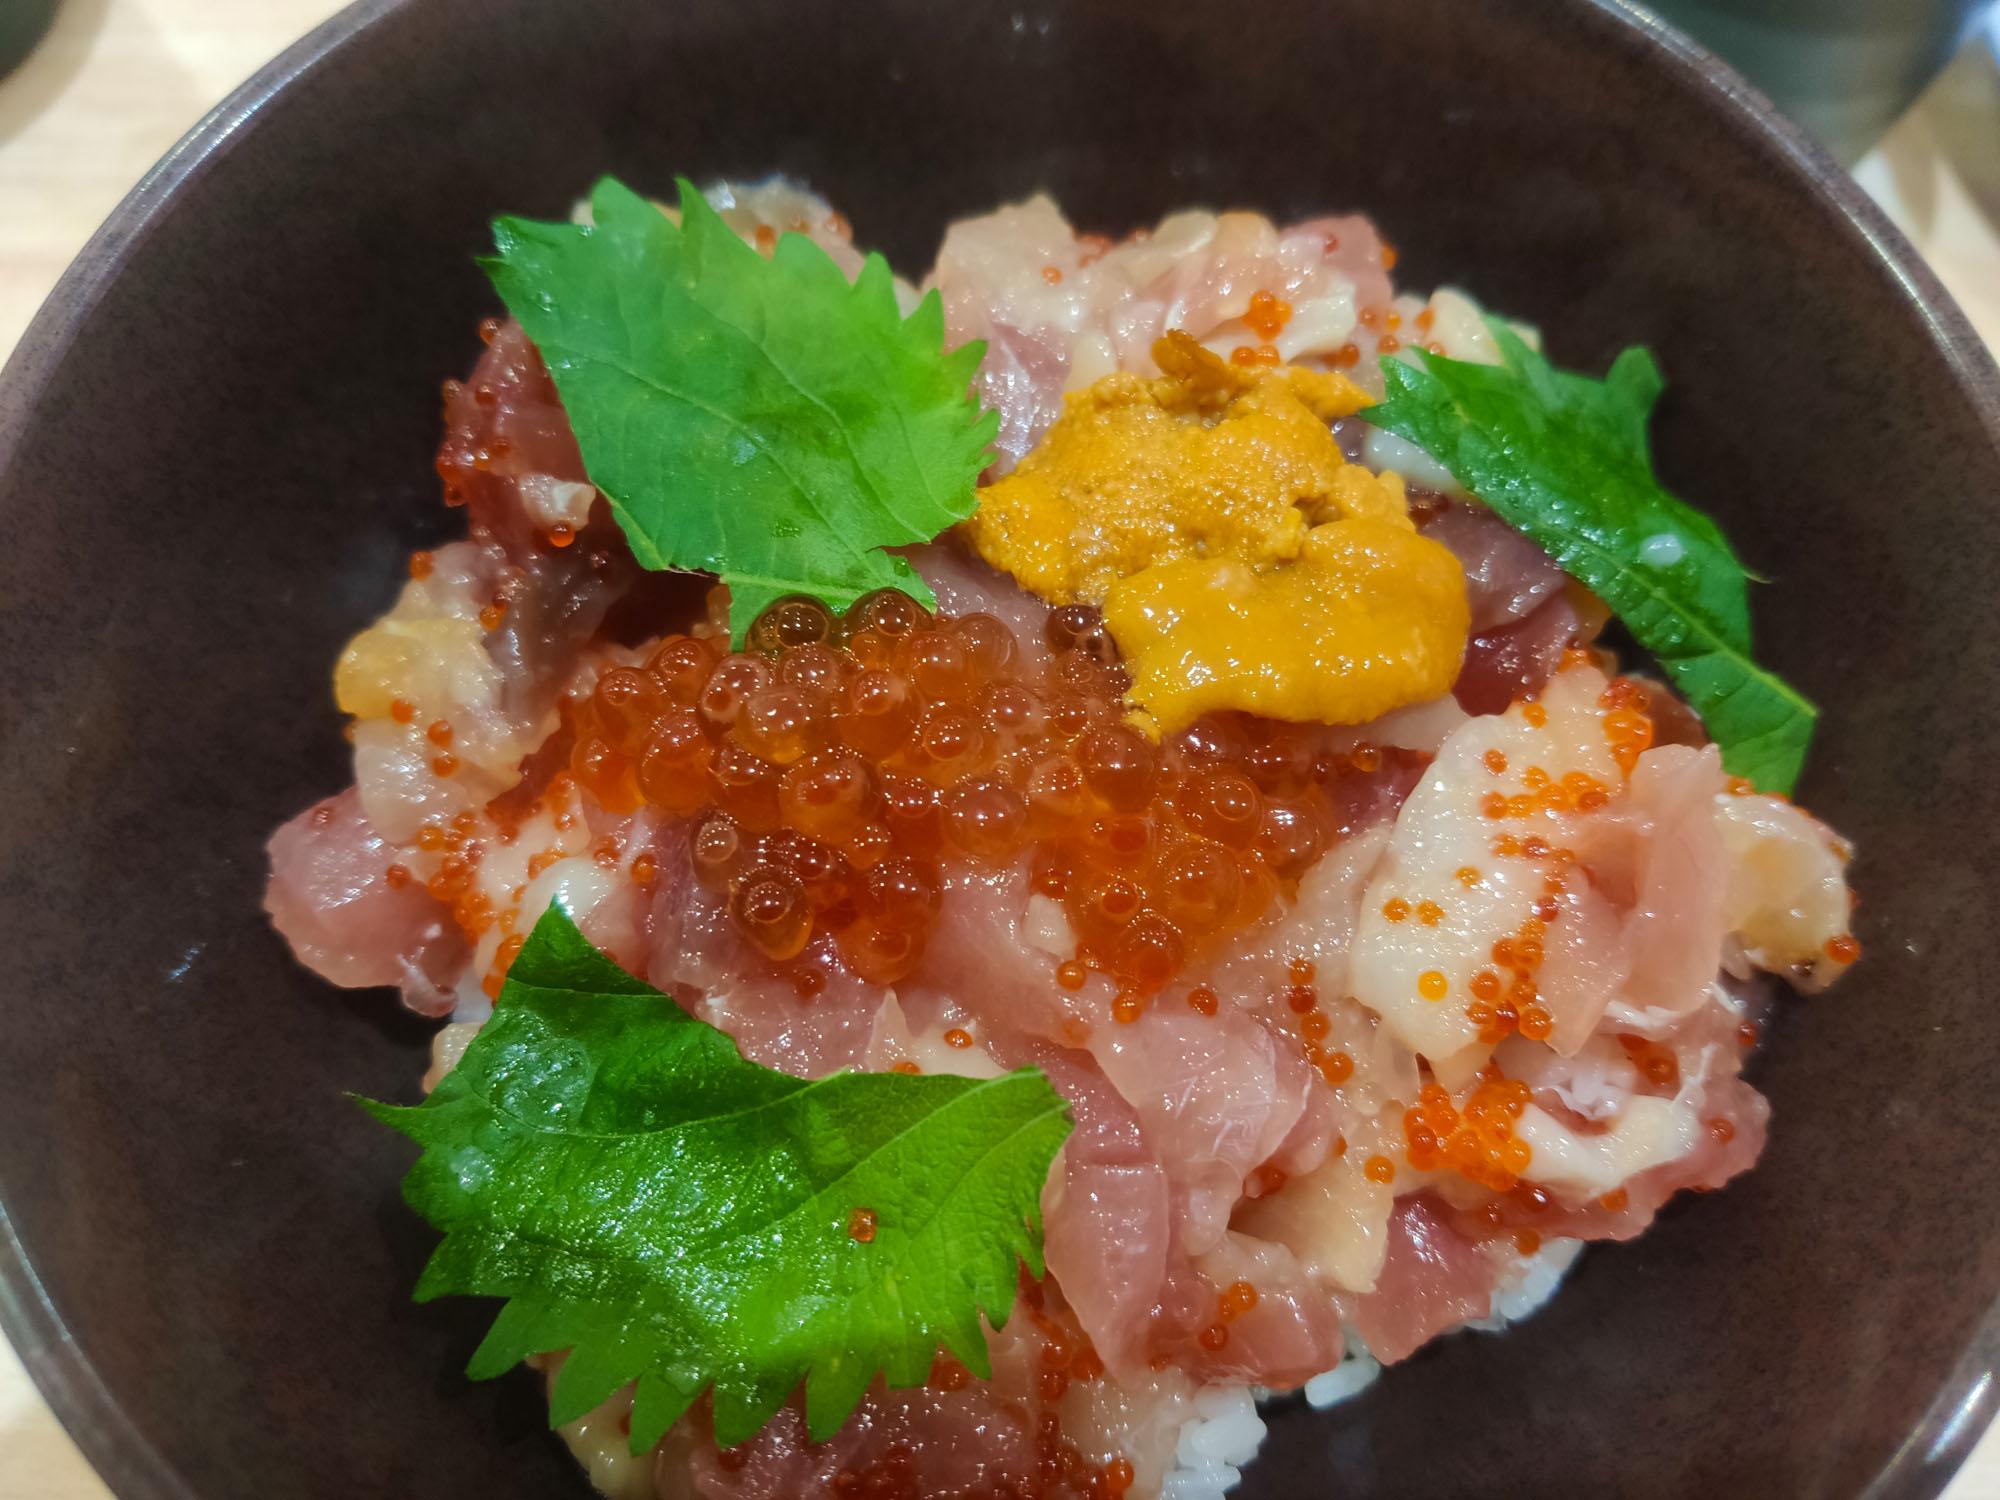 GoToイートくら寿司のお得なランチ海鮮丼